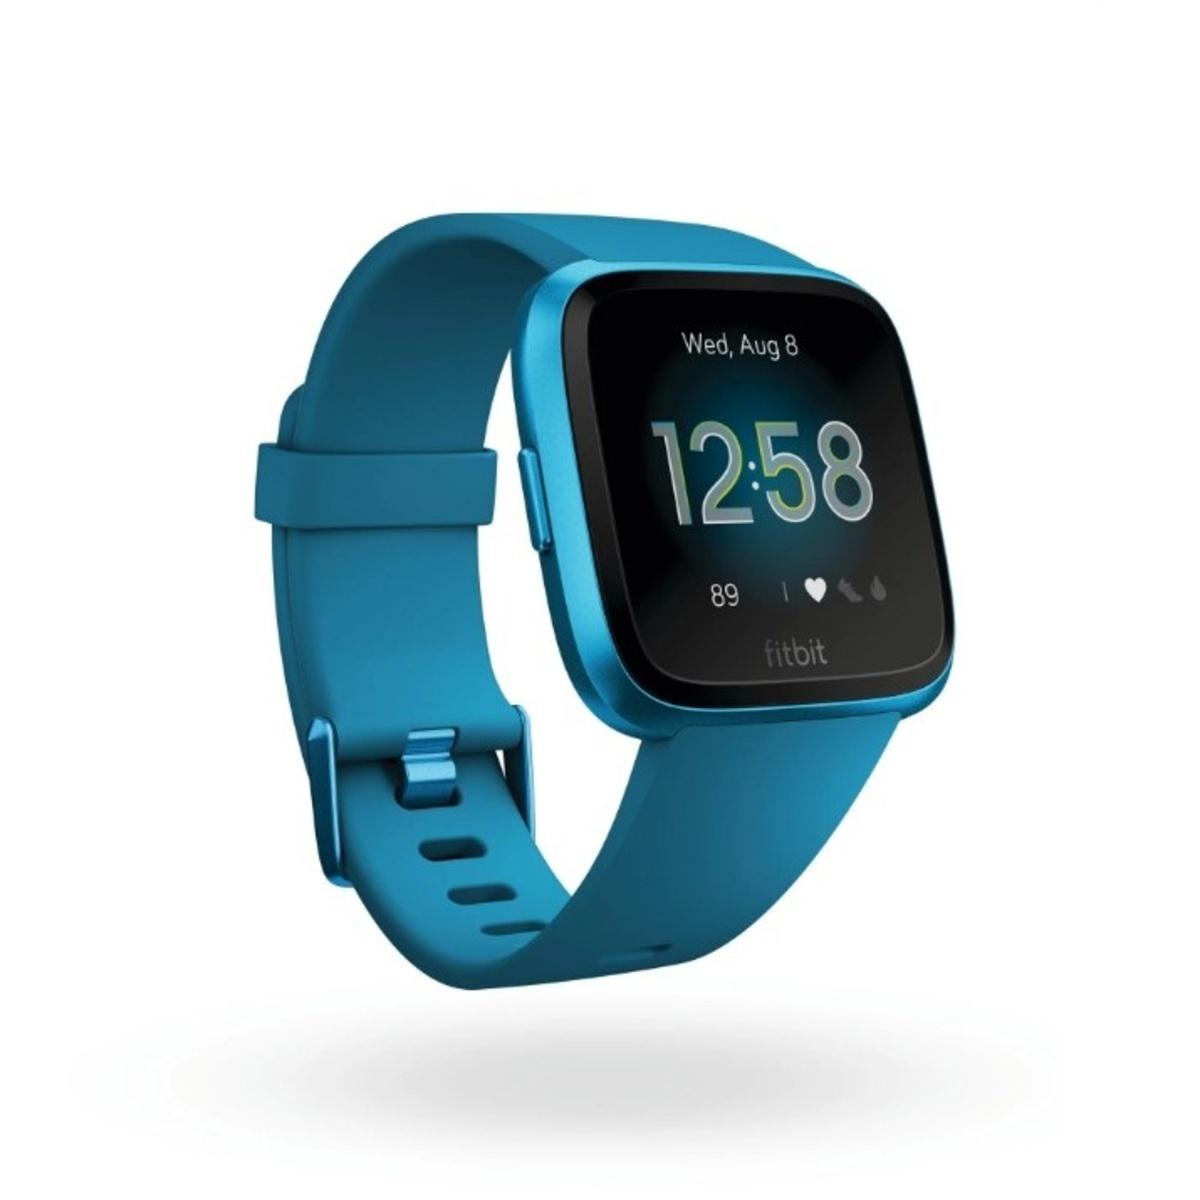 Fitbit Versa Lite 輕量版智能手錶 - 藍色【香港行貨】